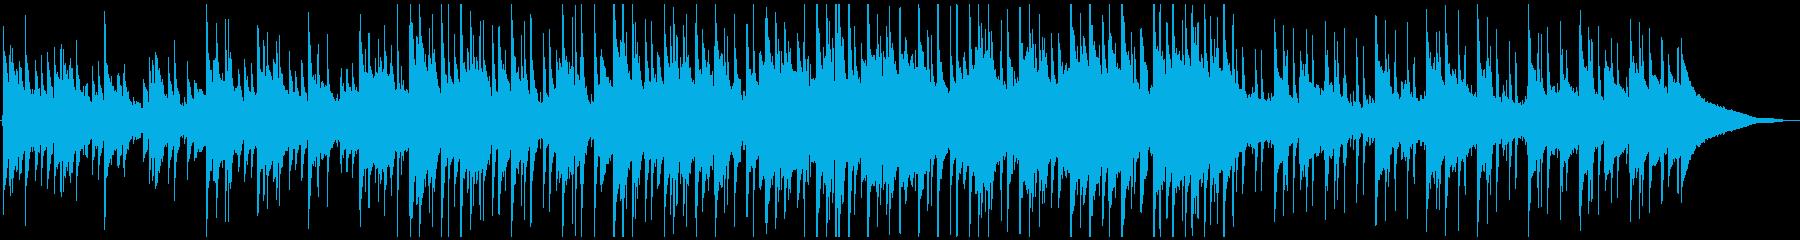 映像向け、ピアノメインの爽やかなポップスの再生済みの波形